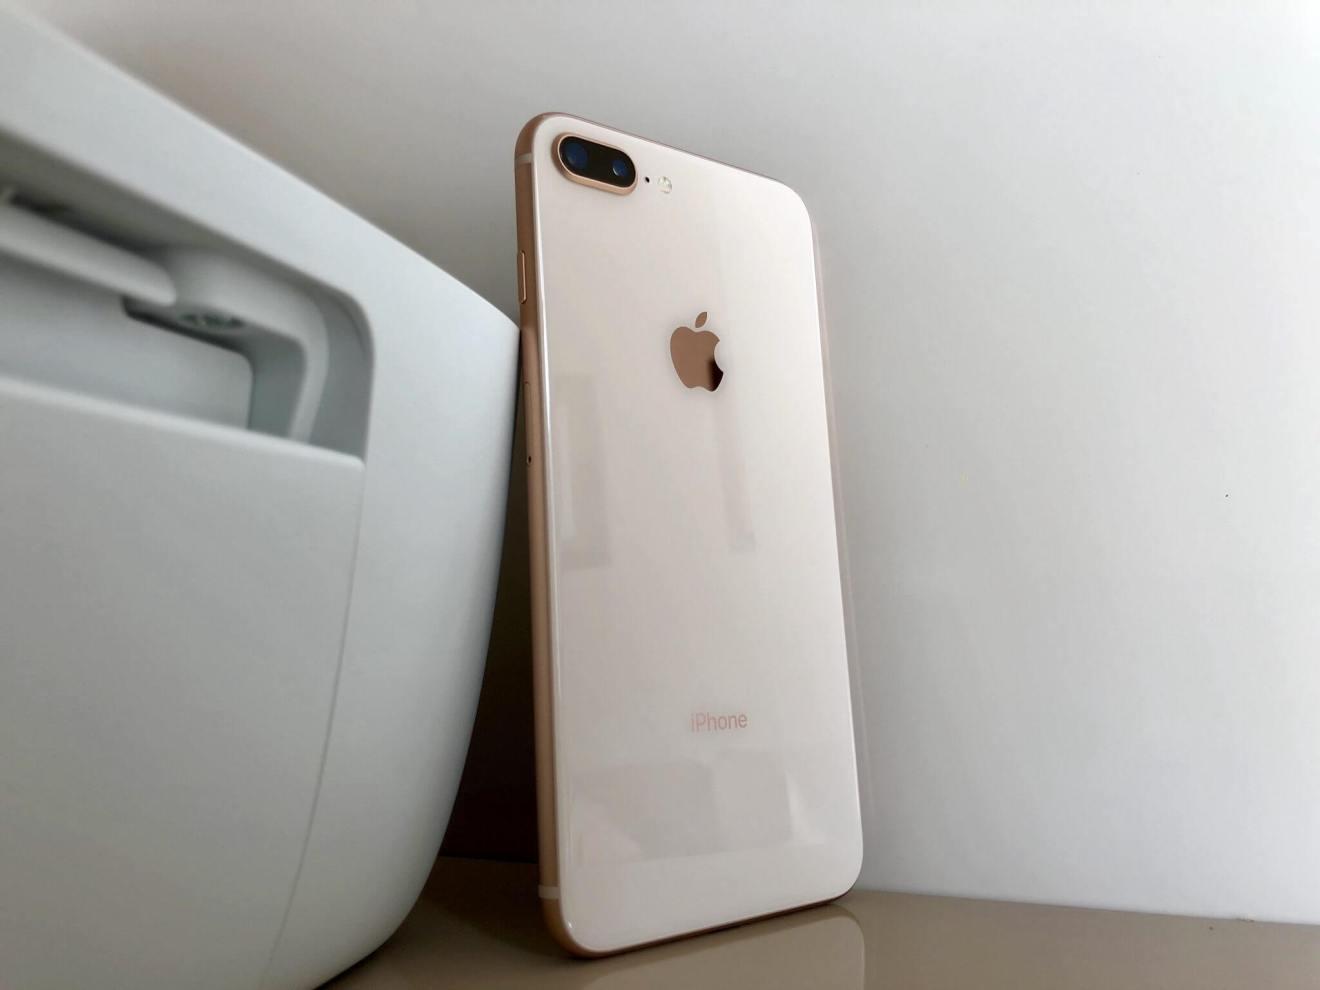 78463D6F 1FC7 4E74 ABD7 109CD82FFD5E - iPhone 8 Plus: 5 motivos para comprar